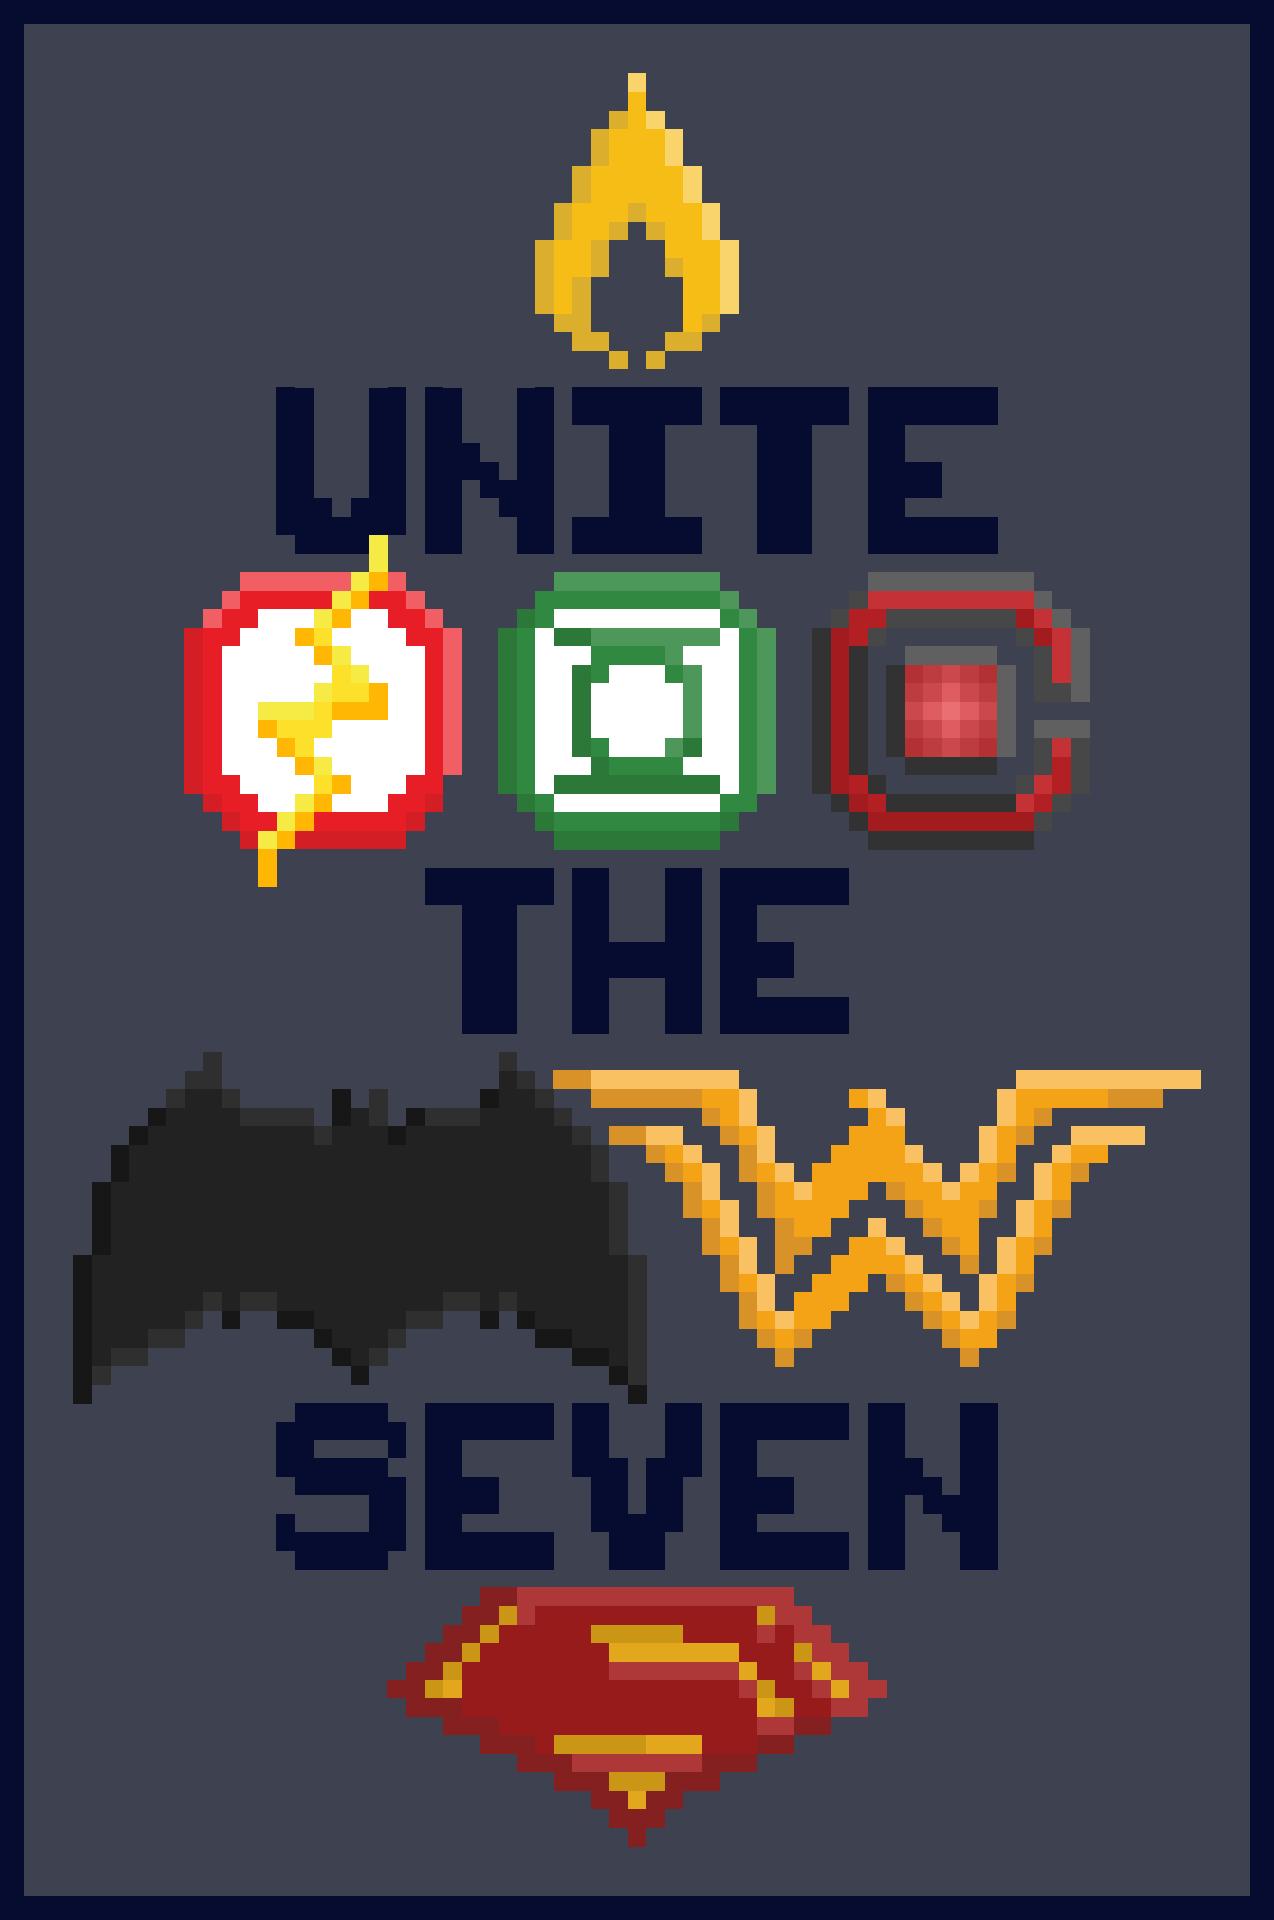 7even pixel art